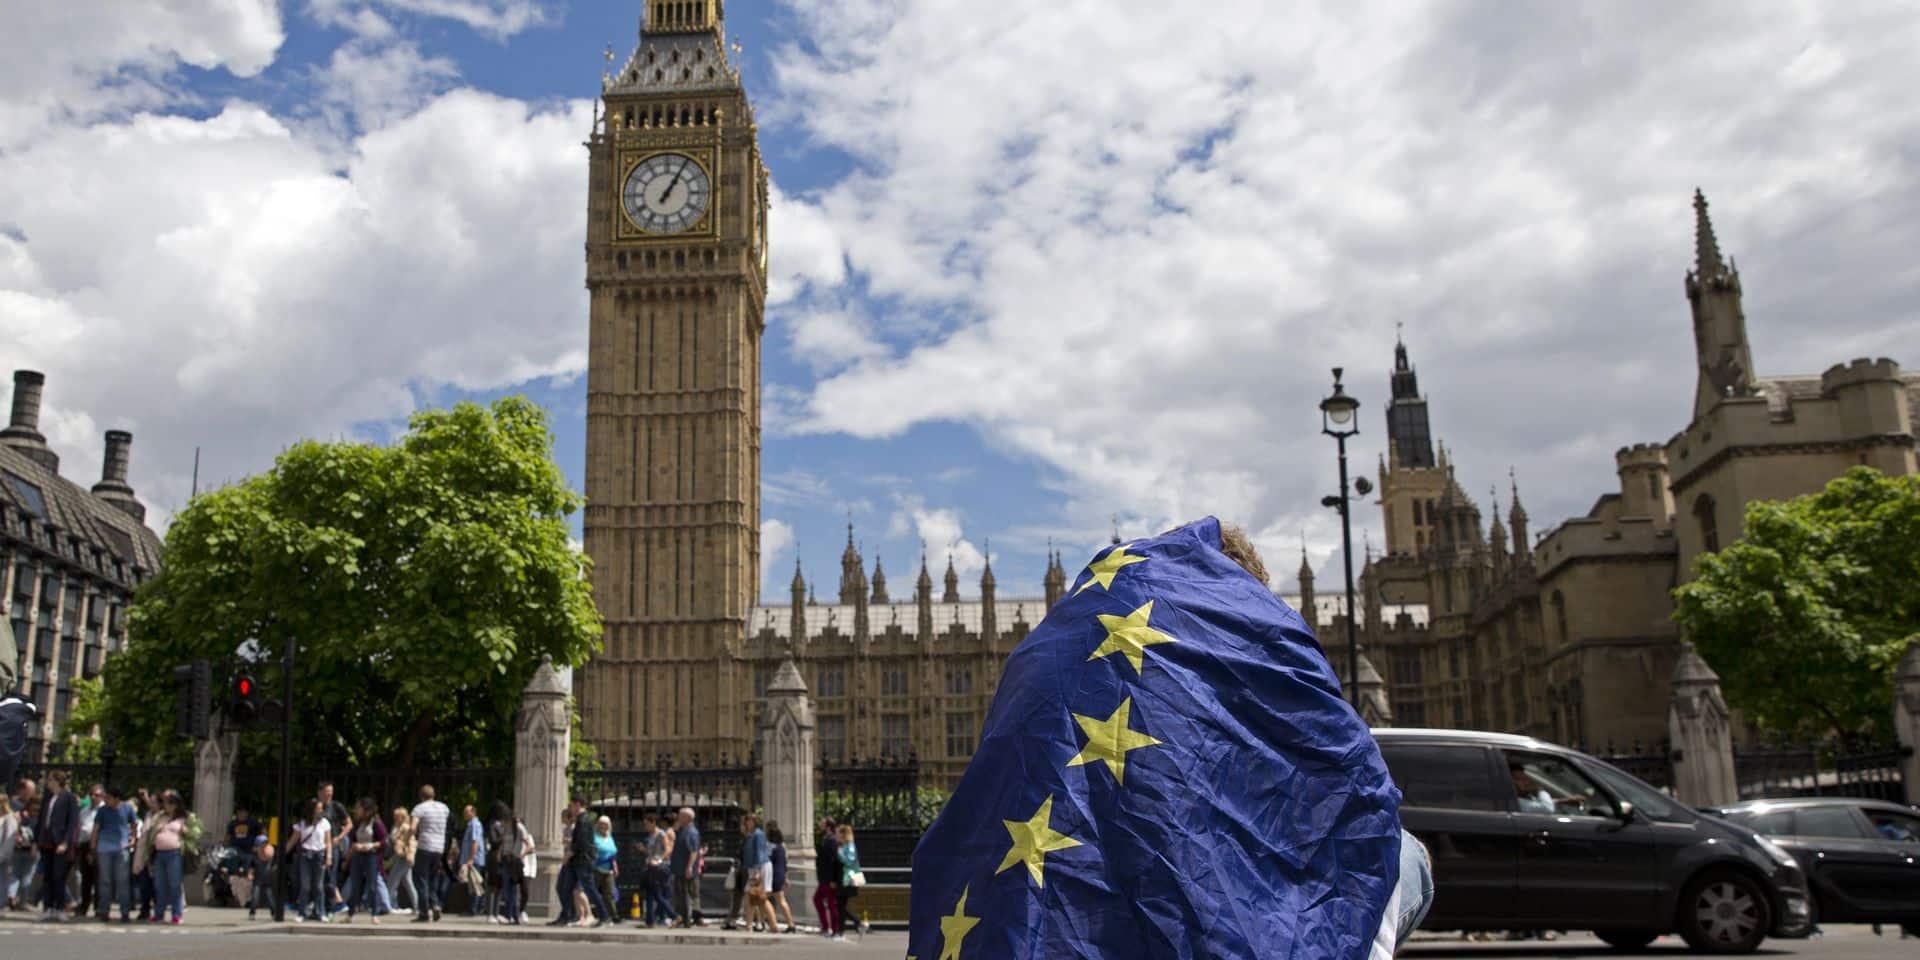 Si le Brexit a mis du temps à devenir une réalité, les implications pratiques au niveau du commerce international commencent à peine à se faire ressentir.